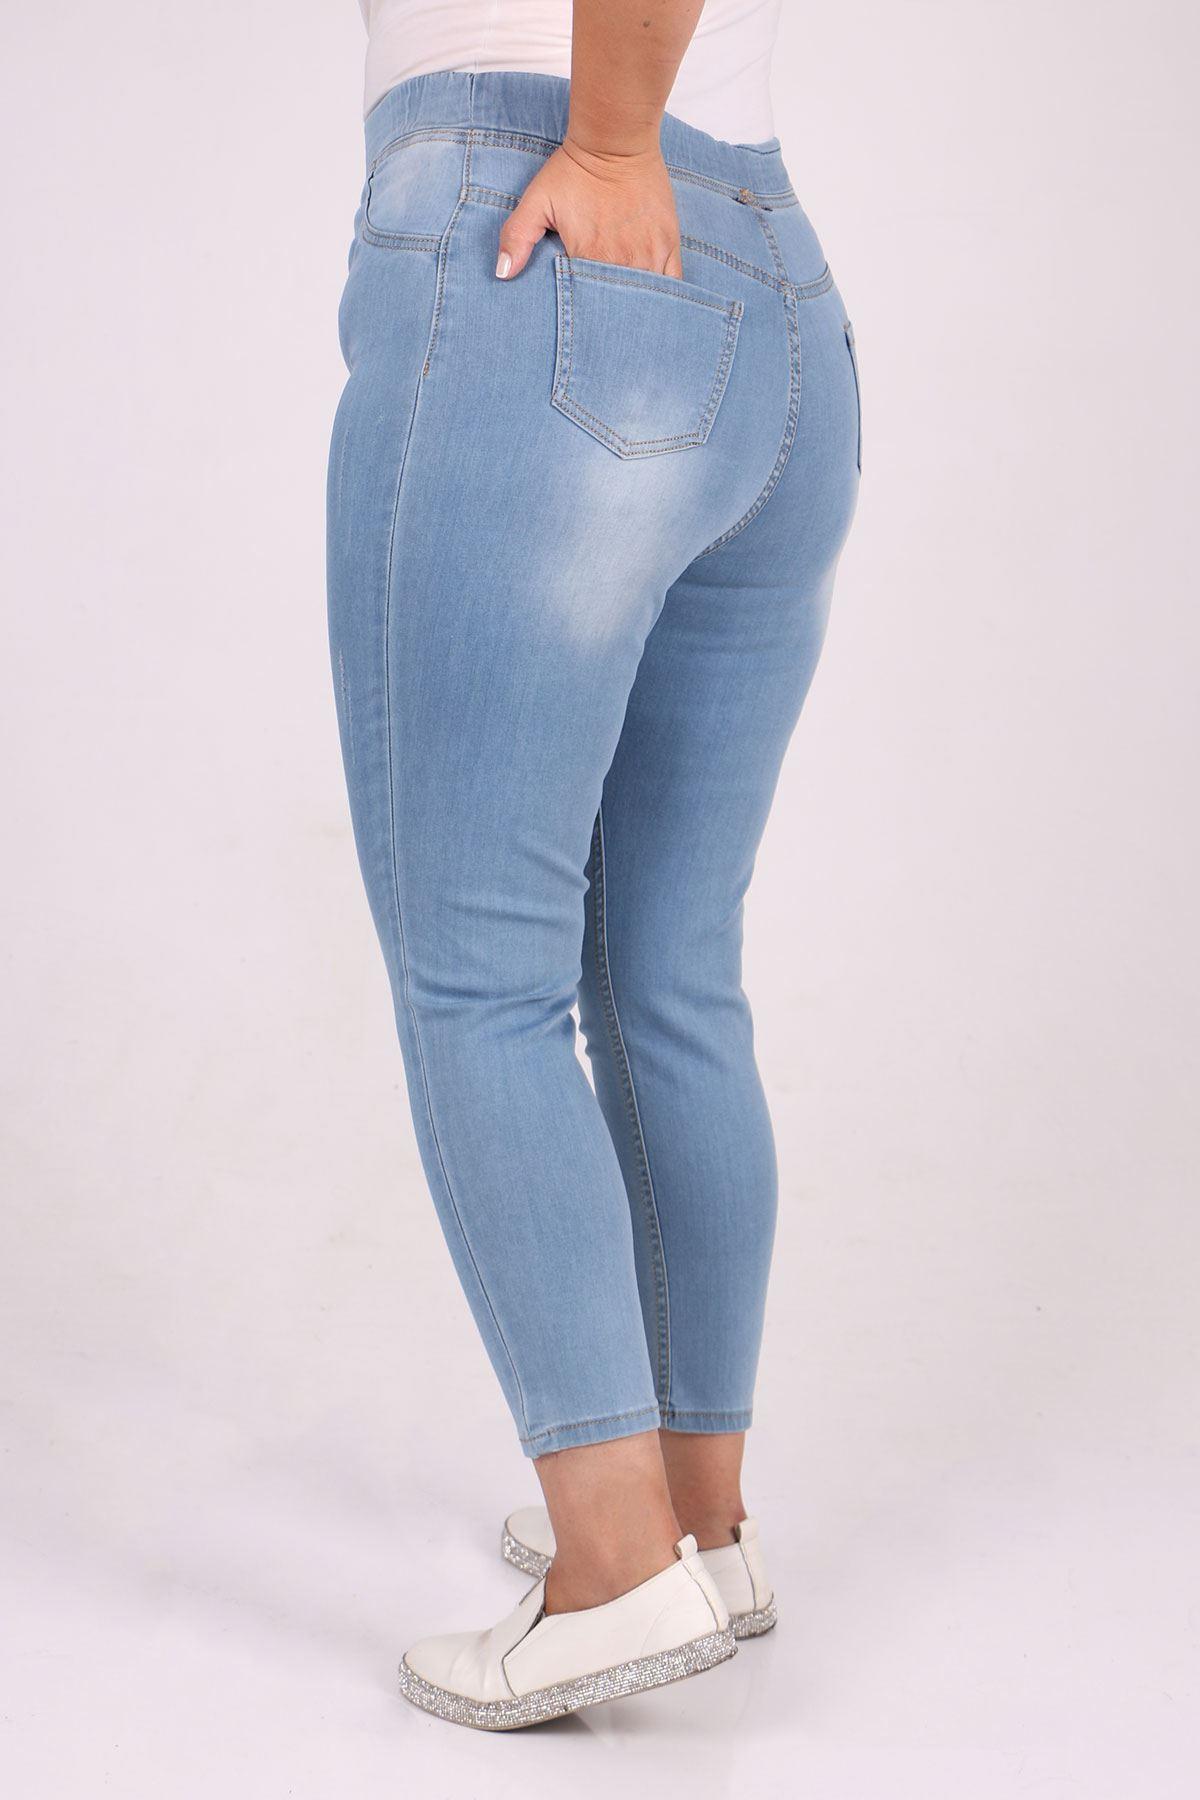 9109-10 Büyük Beden Beli Lastikli Tırnaklı  Dar Paça Kot Pantalon-Buz Mavi